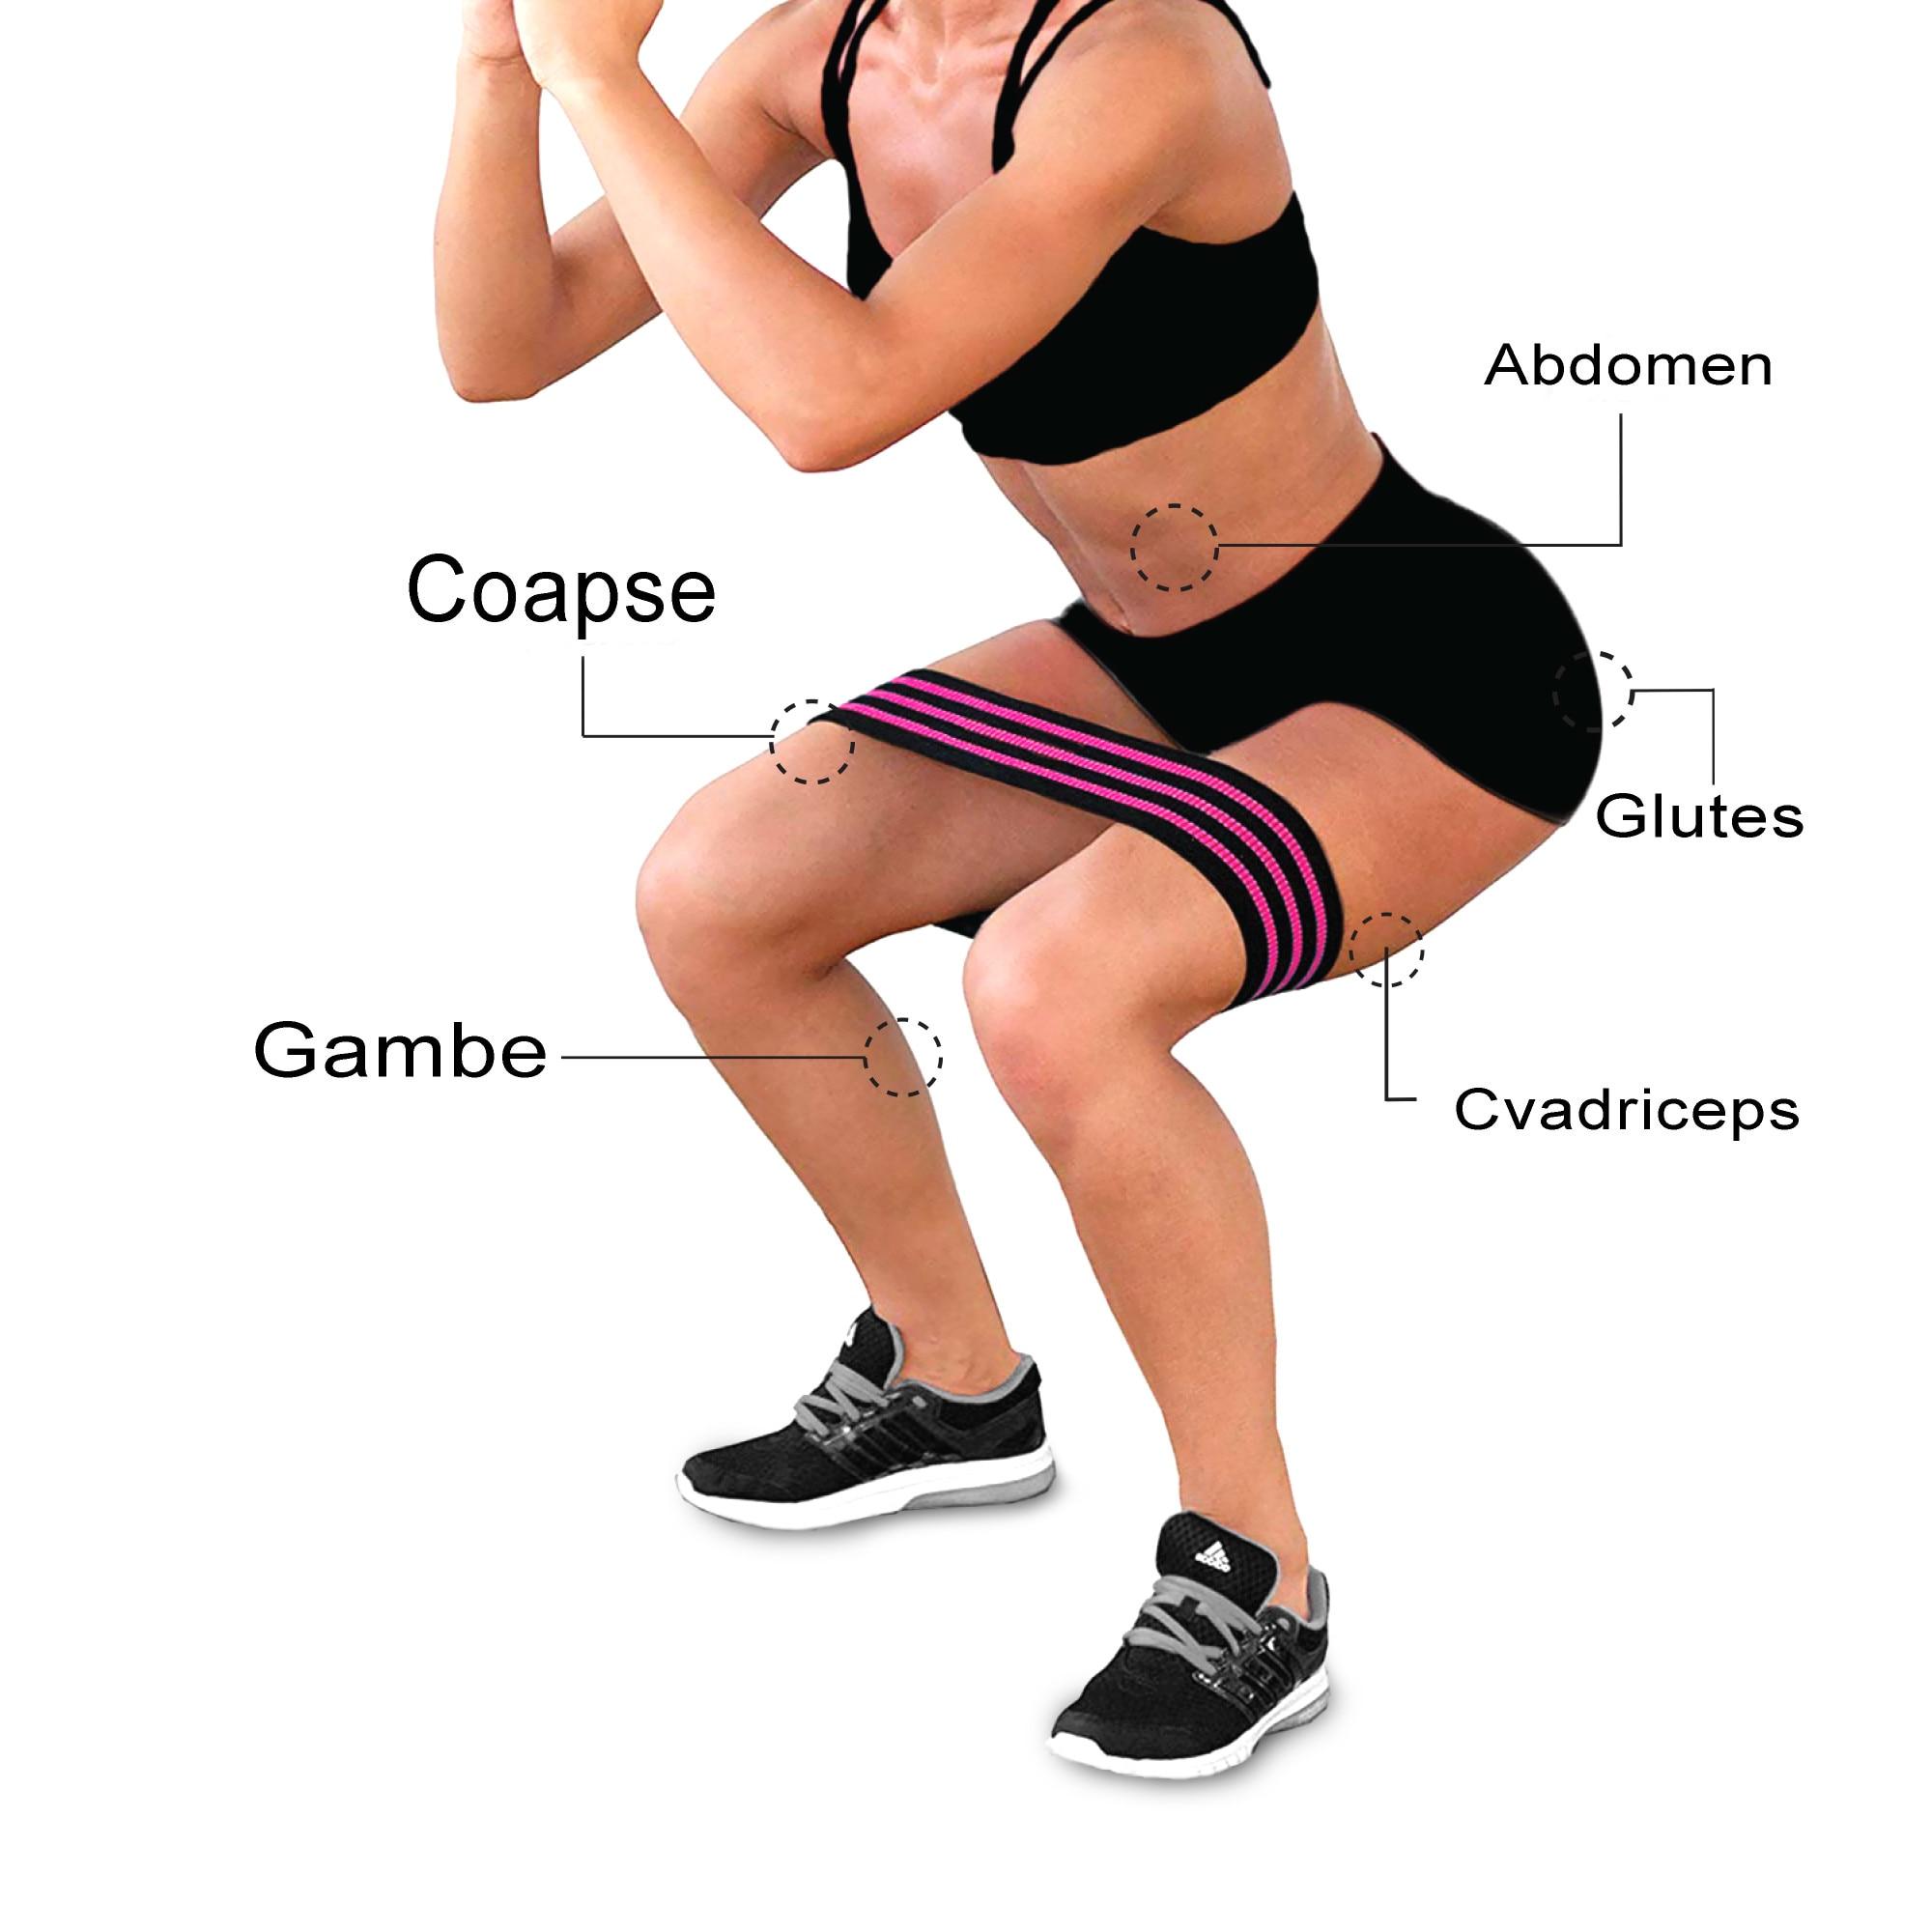 poate pierderea în greutate cauza bradicardiei